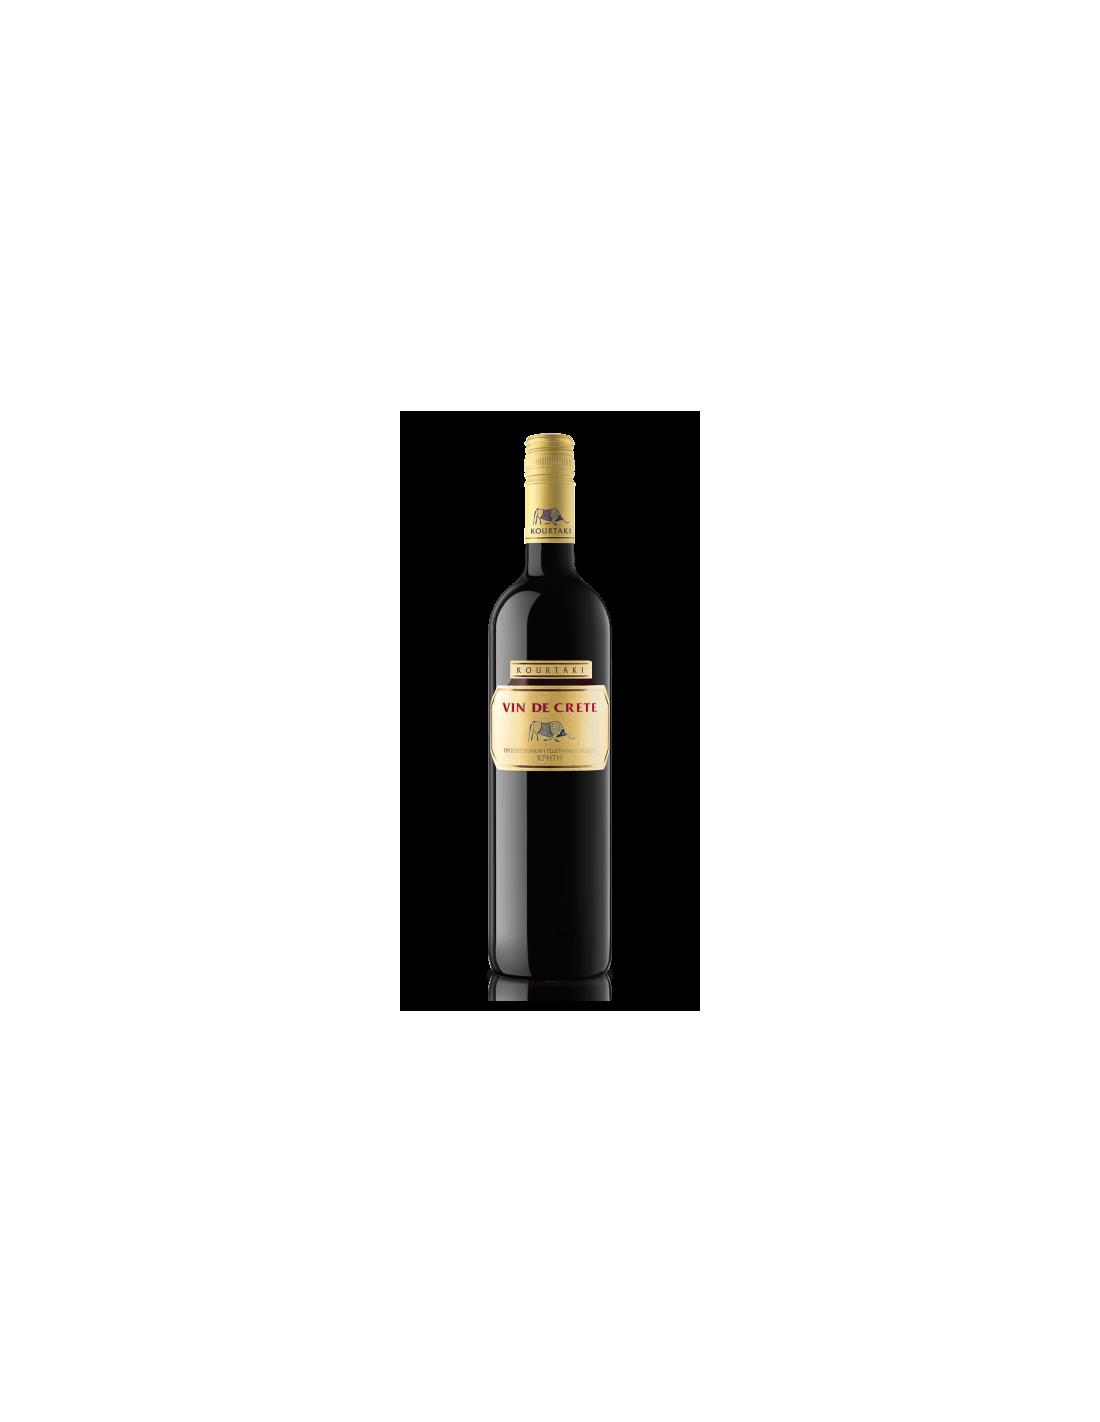 Vin rosu de Crete, 0.75L, 12% alc., Grecia